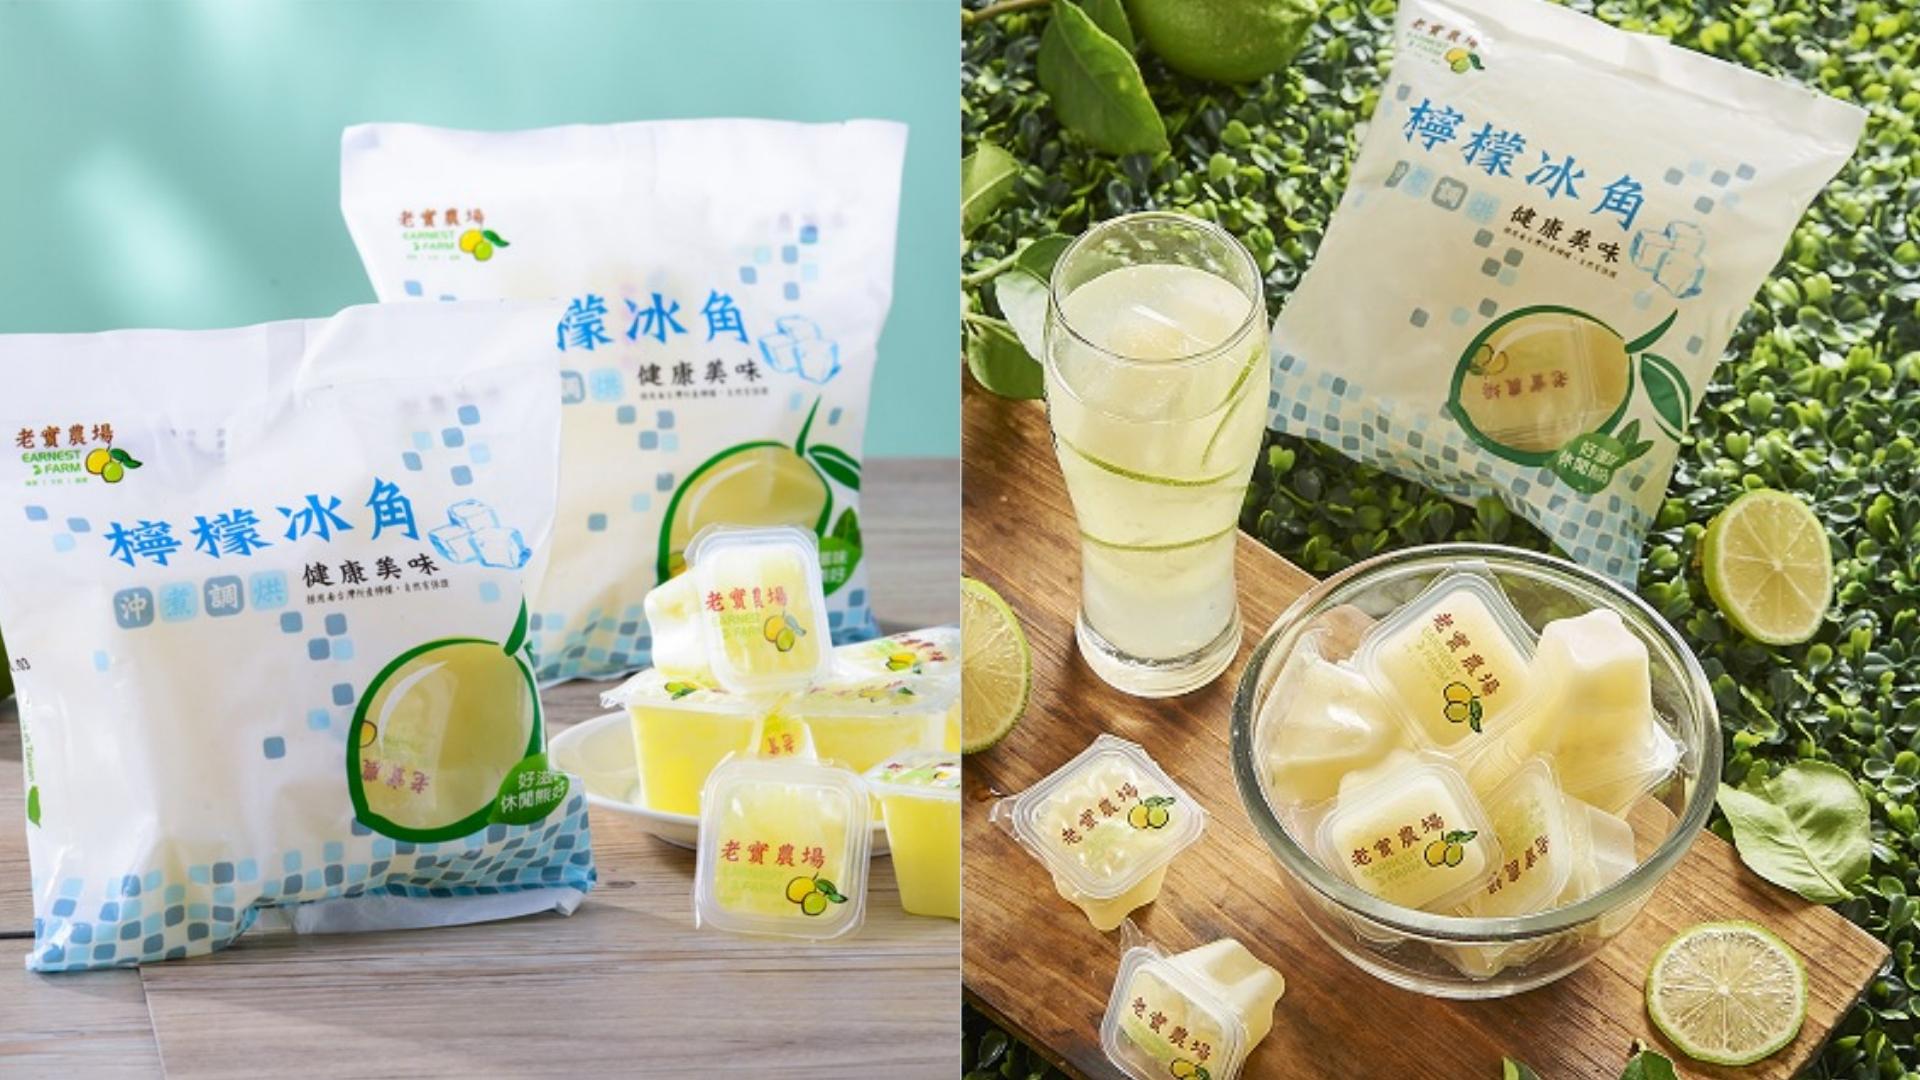 整顆檸檬榨成的檸檬冰角,在夏天製作冰品或甜點都很實用!